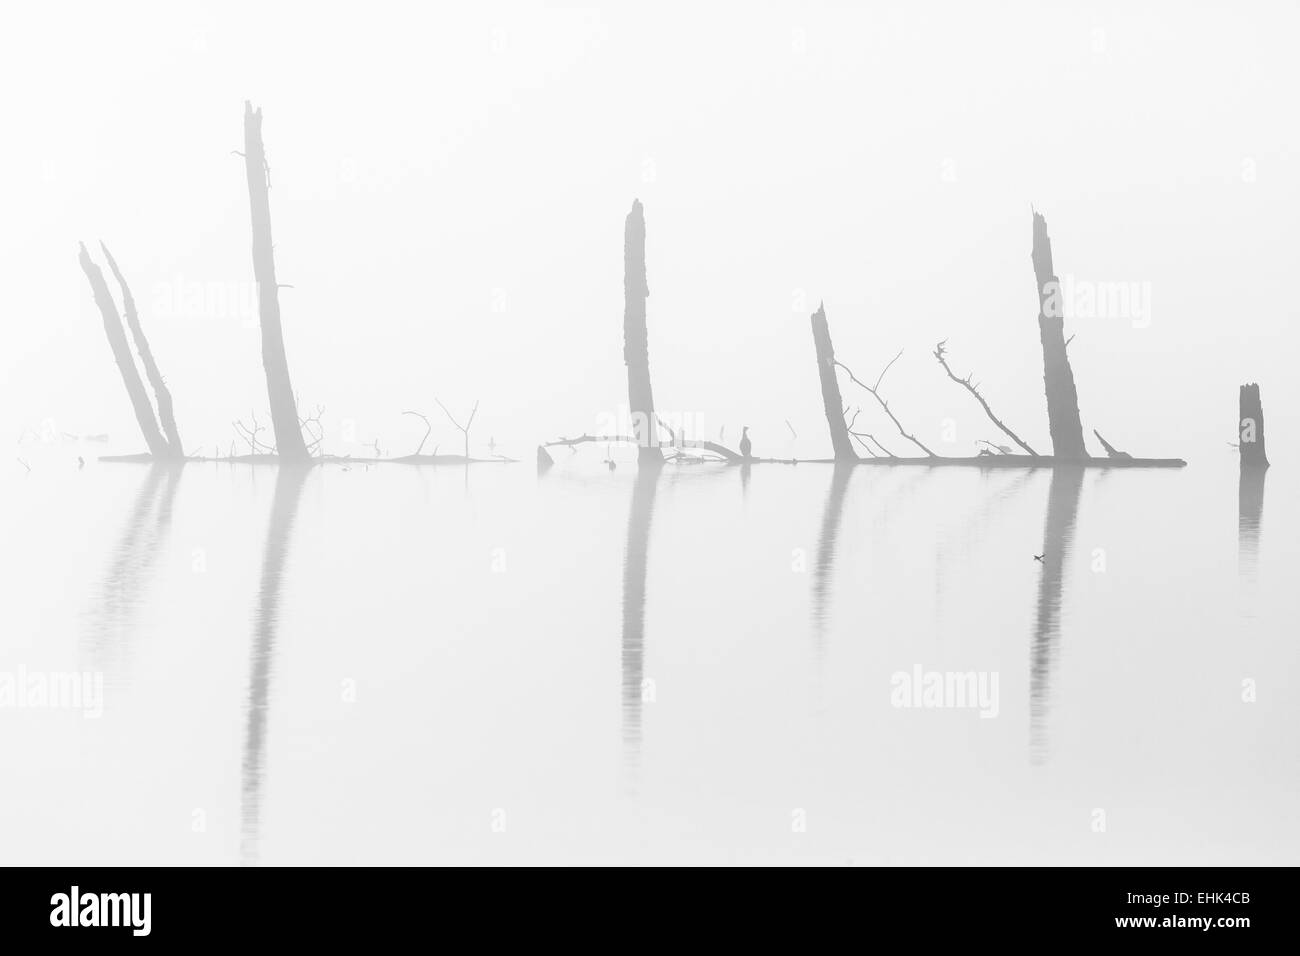 Les troncs d'arbre silhouette dans l'eau dans le brouillard Photo Stock